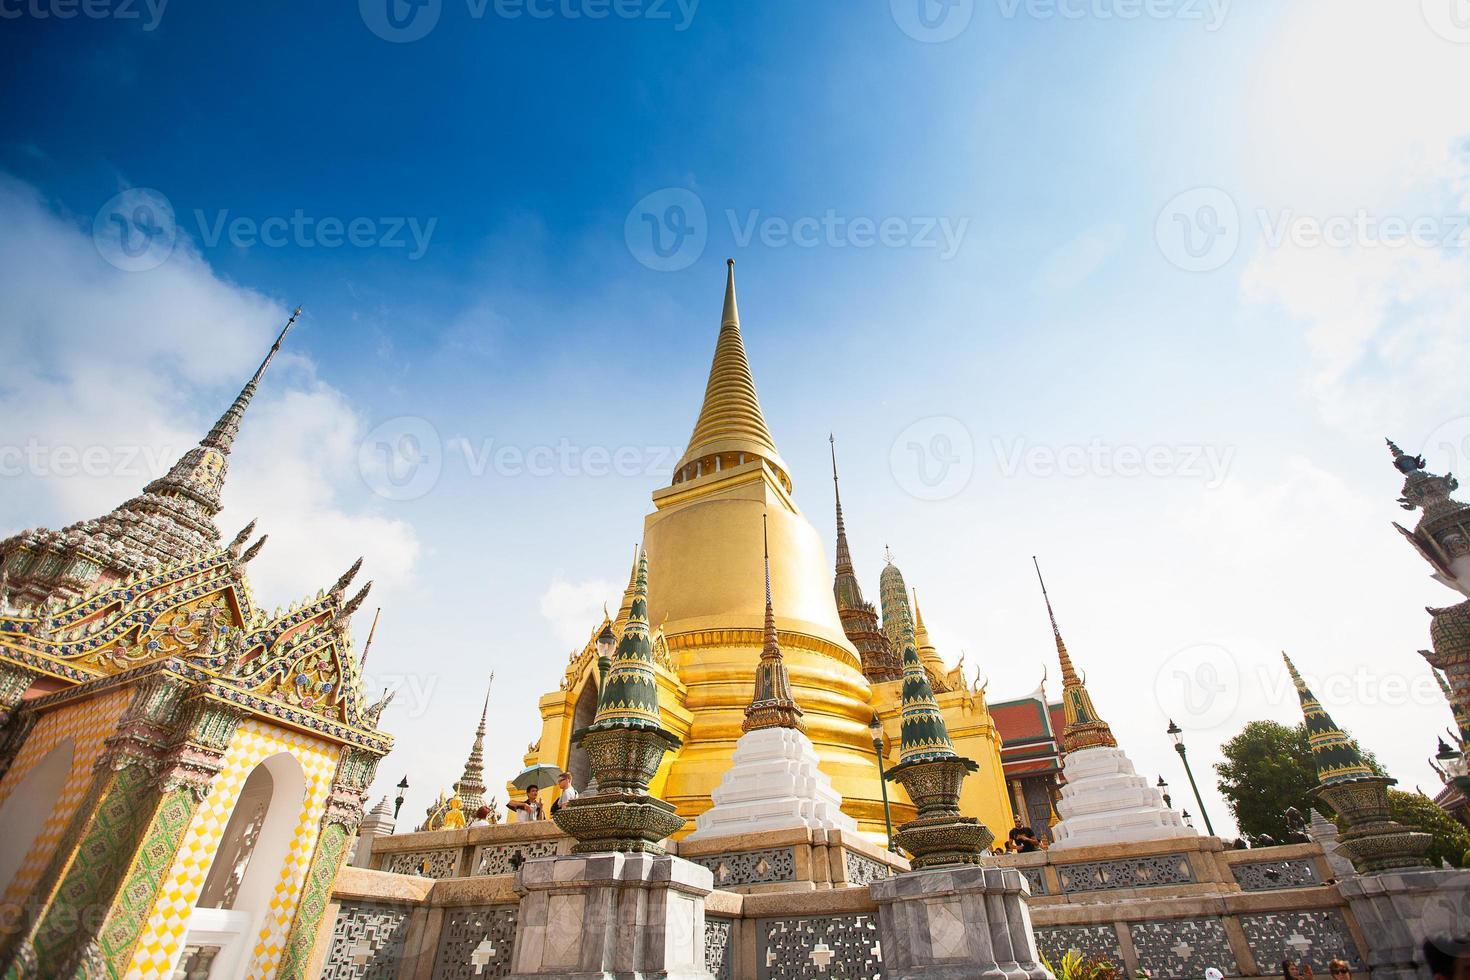 grande palazzo reale a Bangkok foto